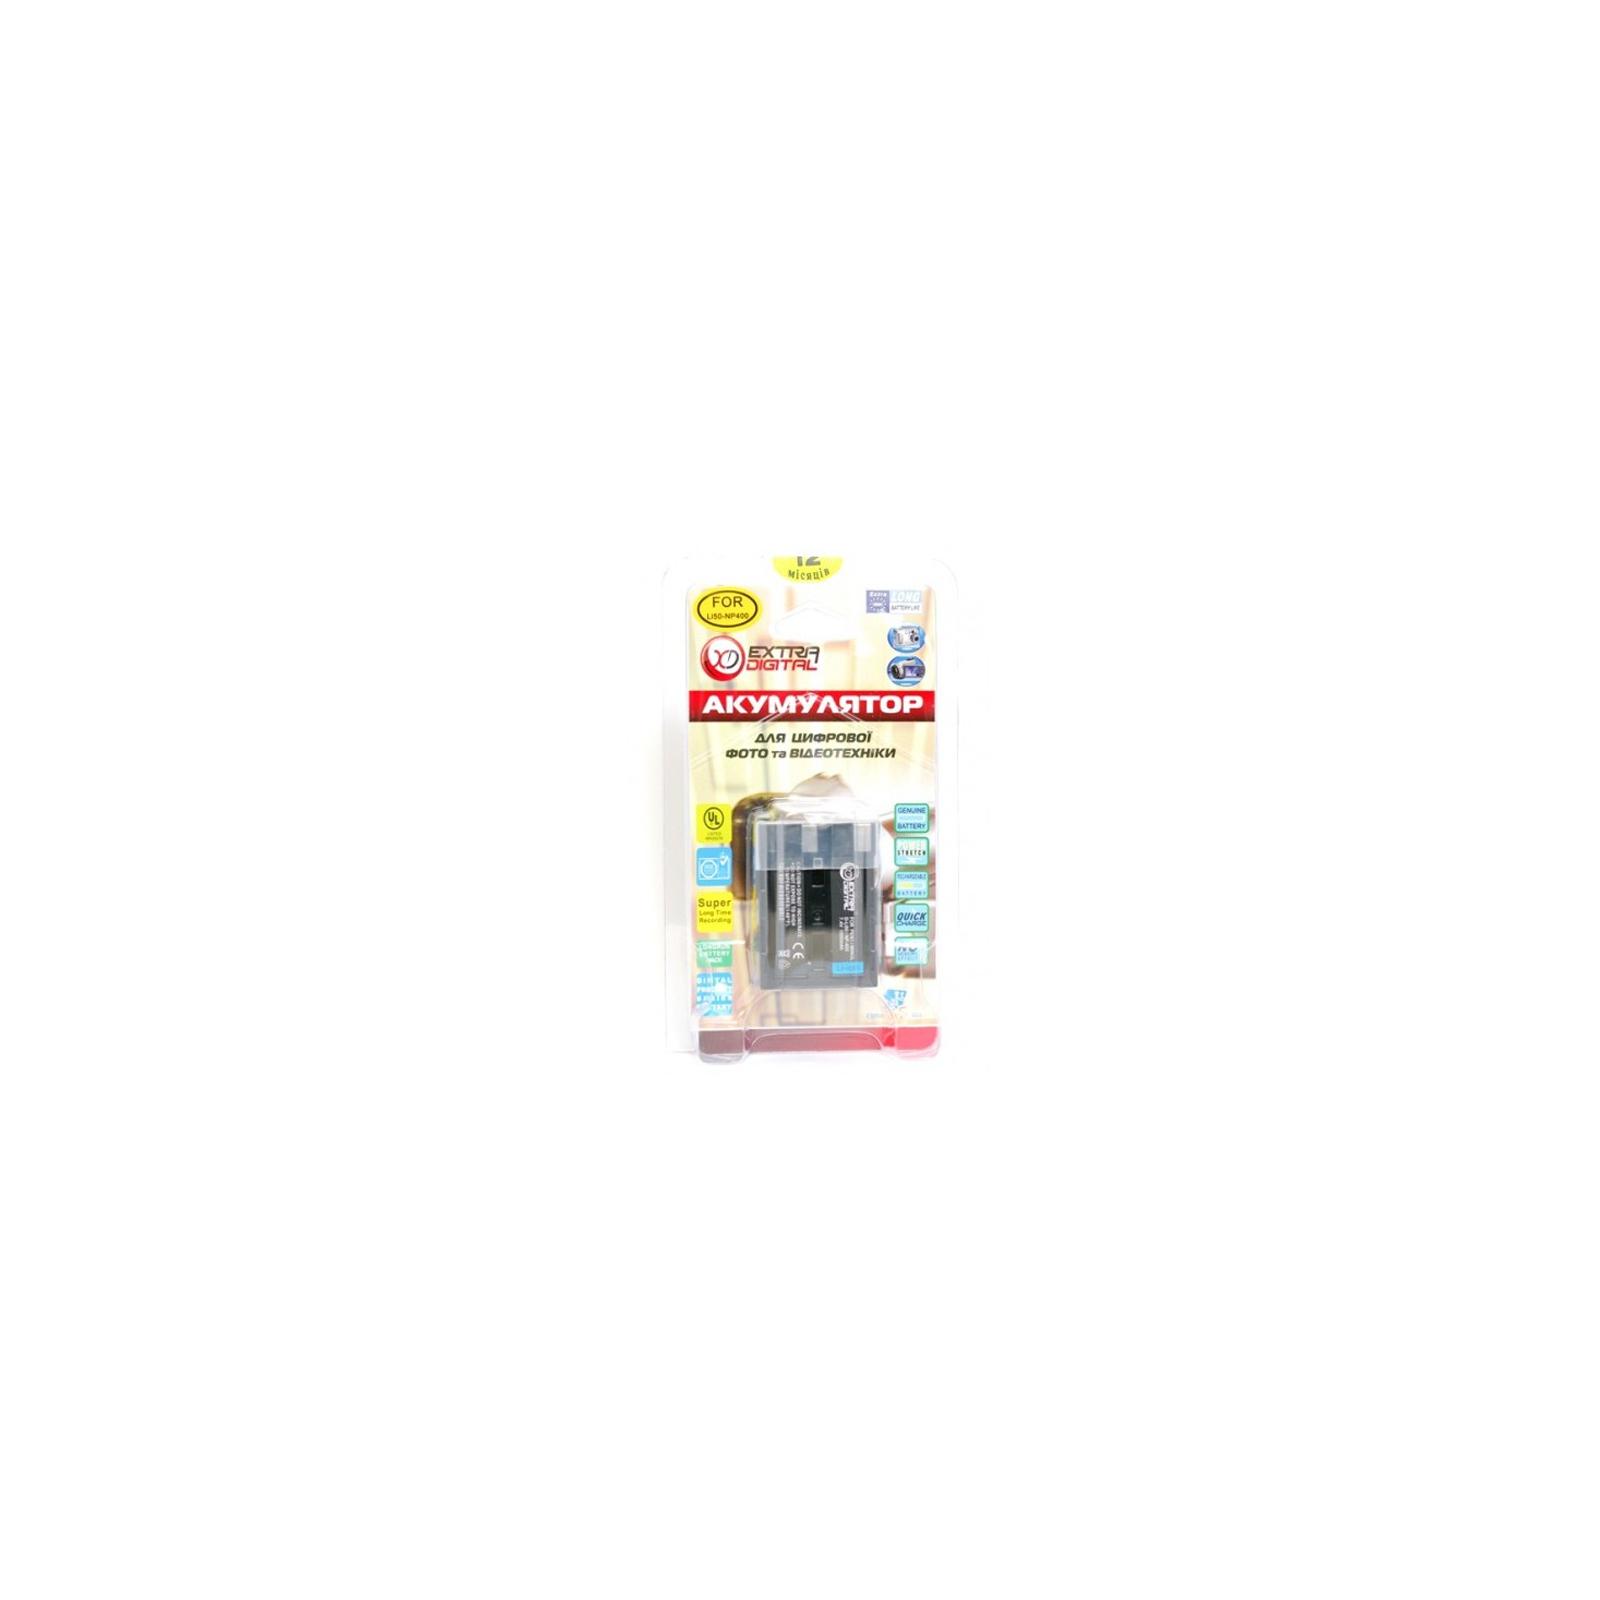 Аккумулятор к фото/видео EXTRADIGITAL Minolta NP-400, Pentax D-Li50, SLB-1674 (DV00DV1052) изображение 3